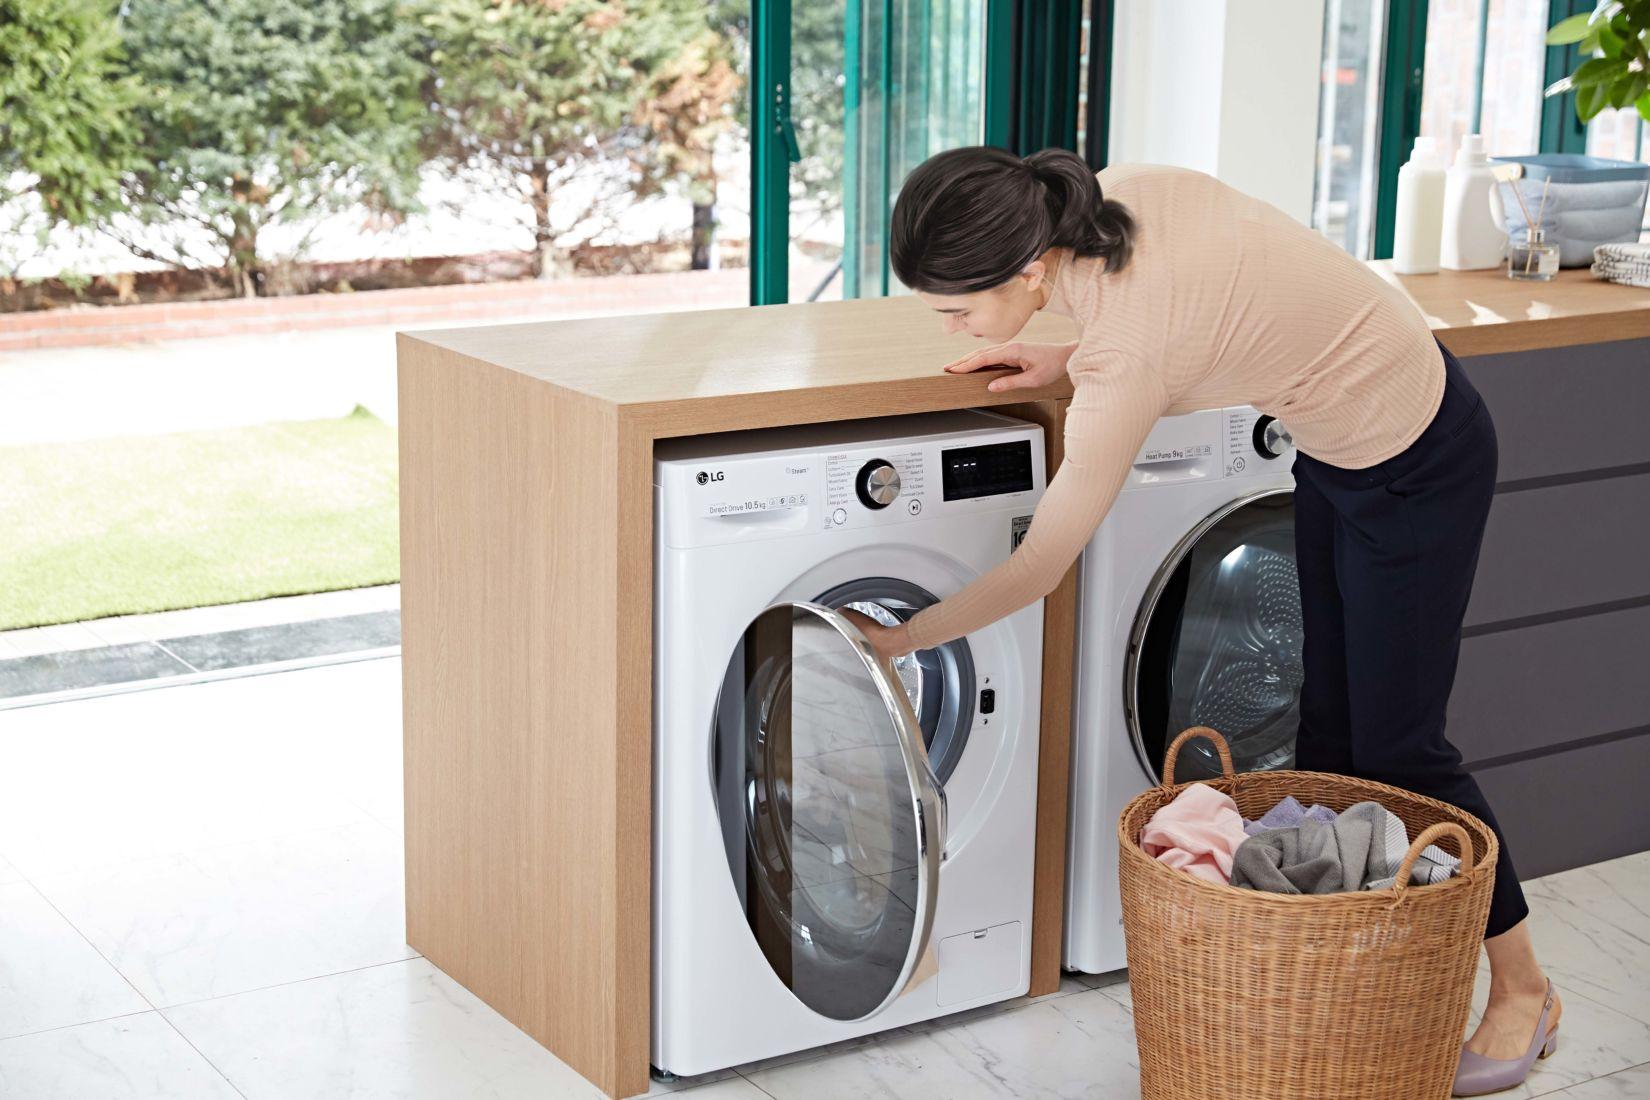 นวัตกรรมเครื่องซักผ้าปี 2020 ตอบโจทย์ไลฟ์สไตล์ยุคดิจิทัล | Tadoo